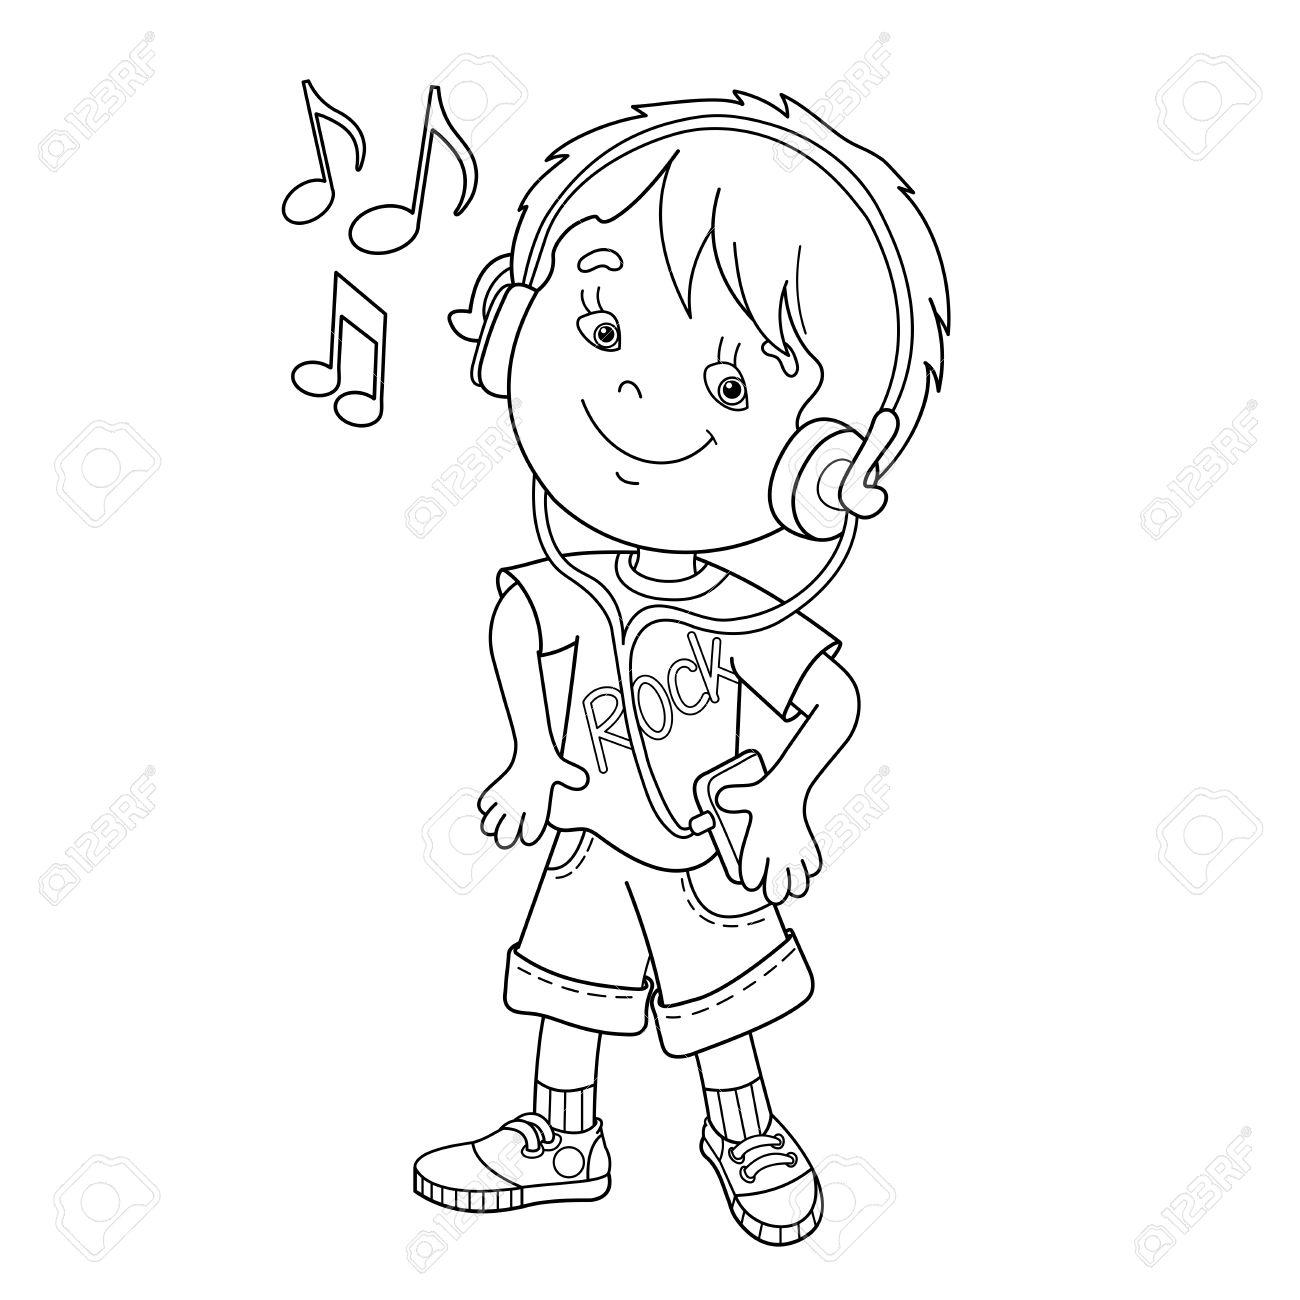 Página Para Colorear Esquema Del Niño De Dibujos Animados En Los ...